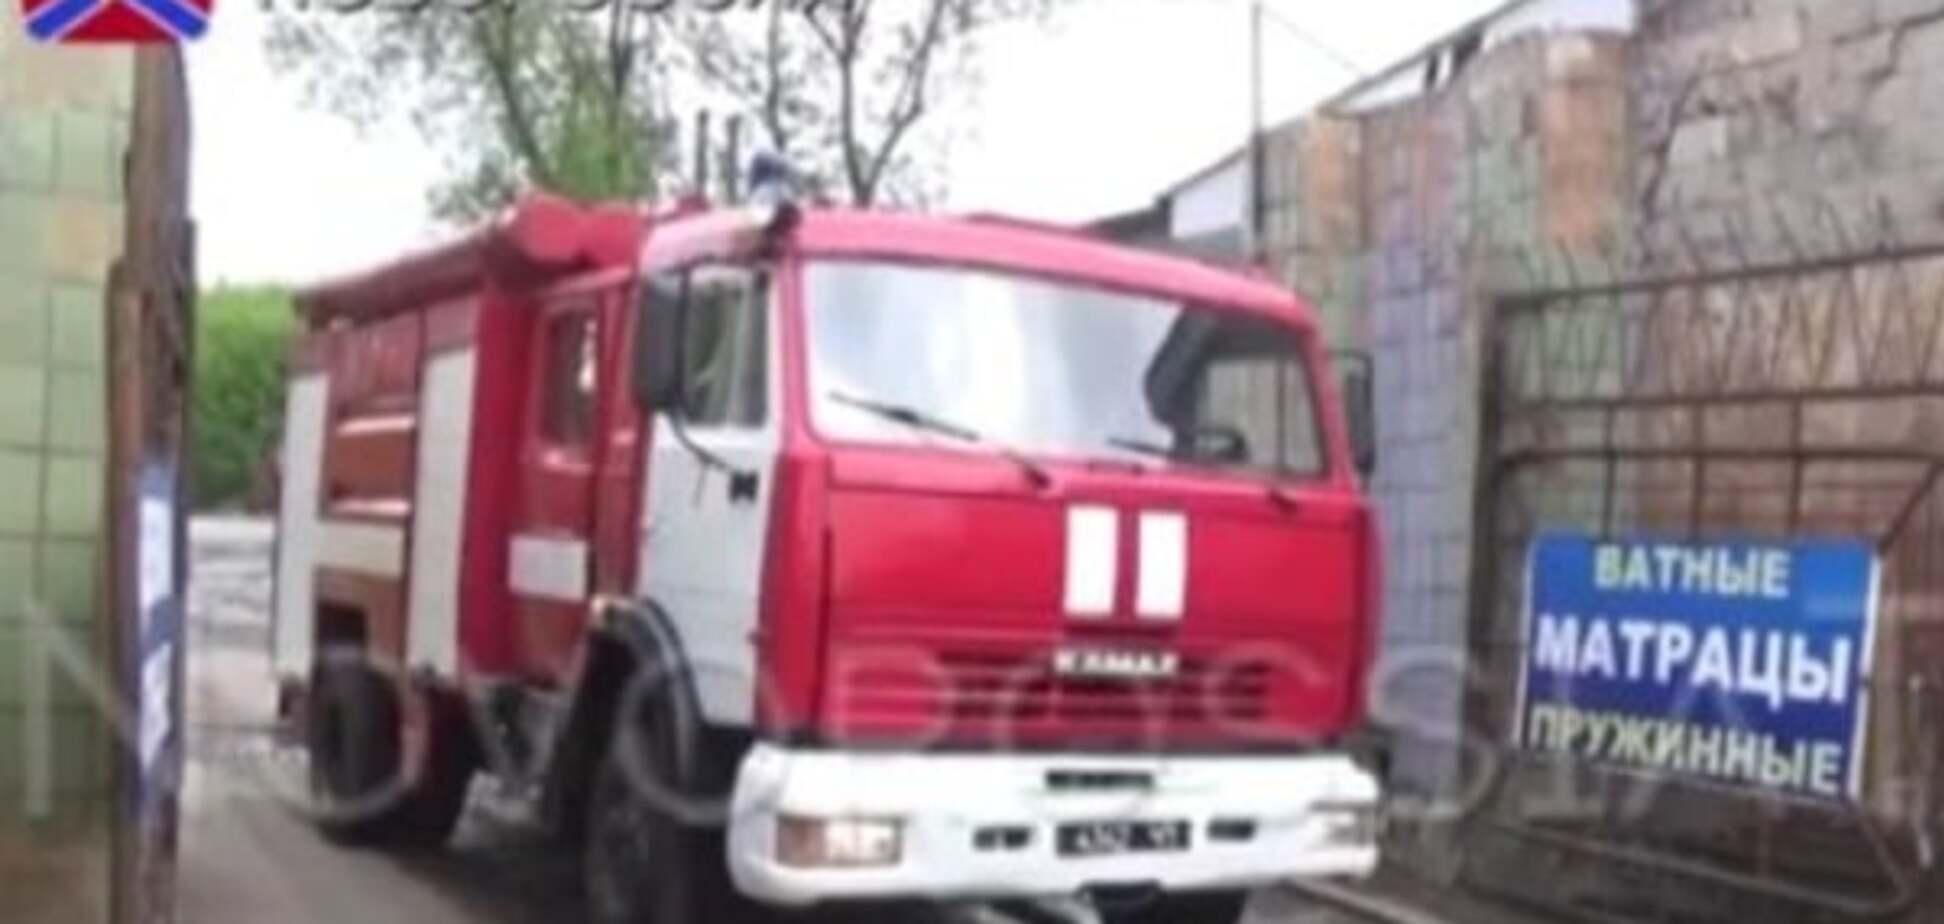 Згоріли ватяні матраци: у 'ДНР' виявили пожежну техніку з Росії